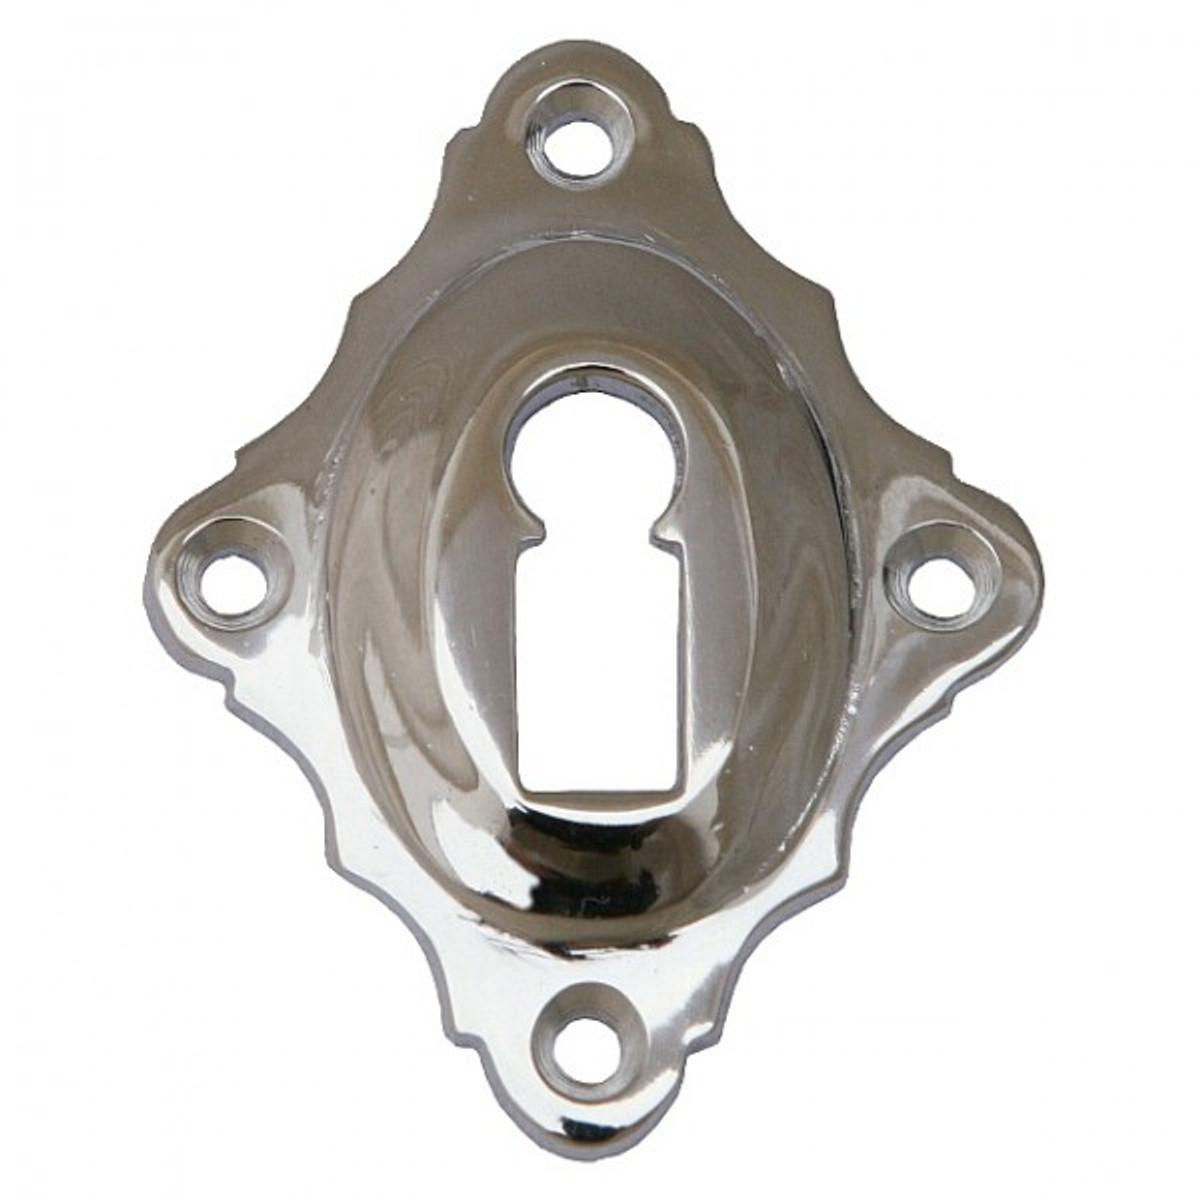 Schlüssel Rosette BB Nickel im Landhaus Stil glänzend poliert, für alle Din Zimmertüren mit Buntbartschloss.